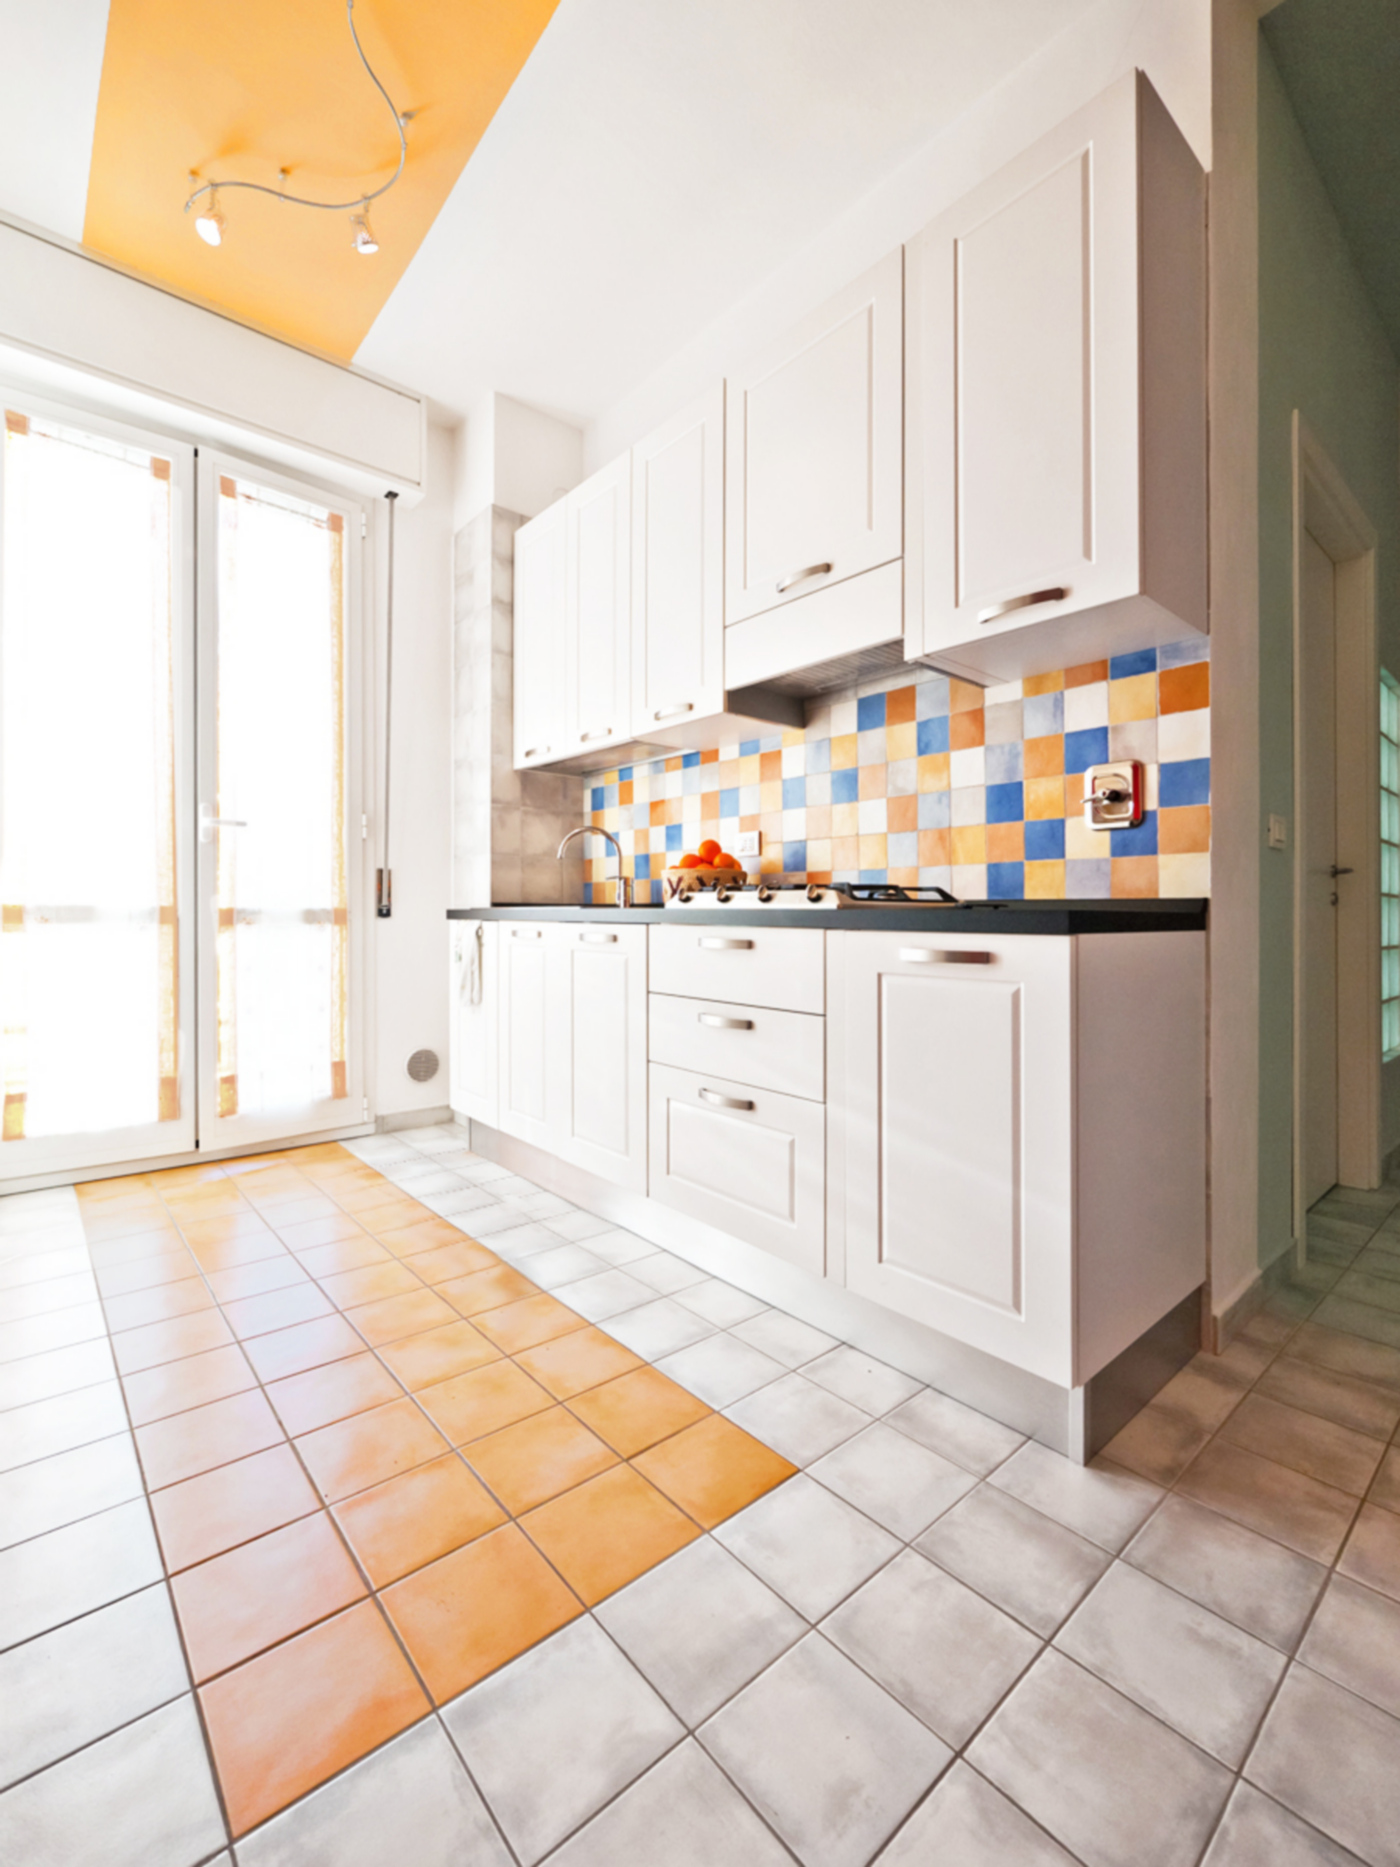 Una ristrutturazione che trasforma il colore in spazio. La cucina arreda la nicchia arancione | Bottega di Architettura